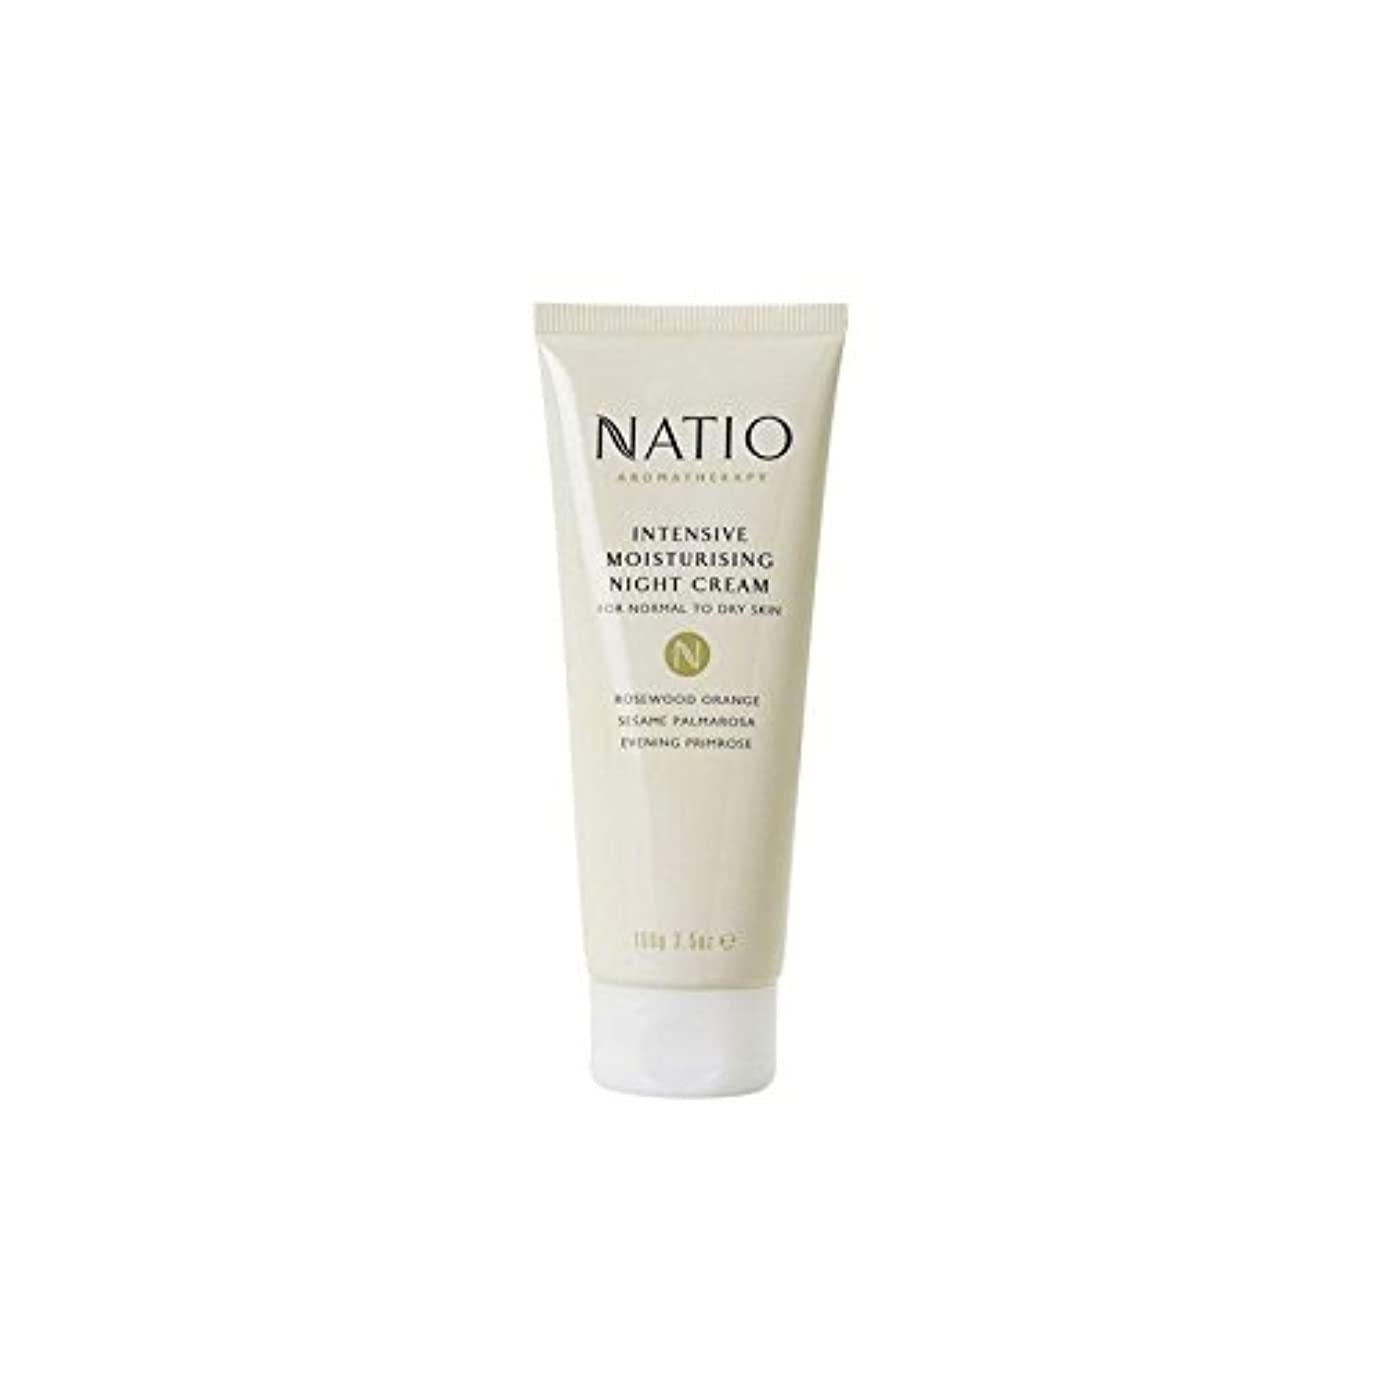 サンダーこねる惨めな集中的な保湿ナイトクリーム(100グラム) x2 - Natio Intensive Moisturising Night Cream (100G) (Pack of 2) [並行輸入品]